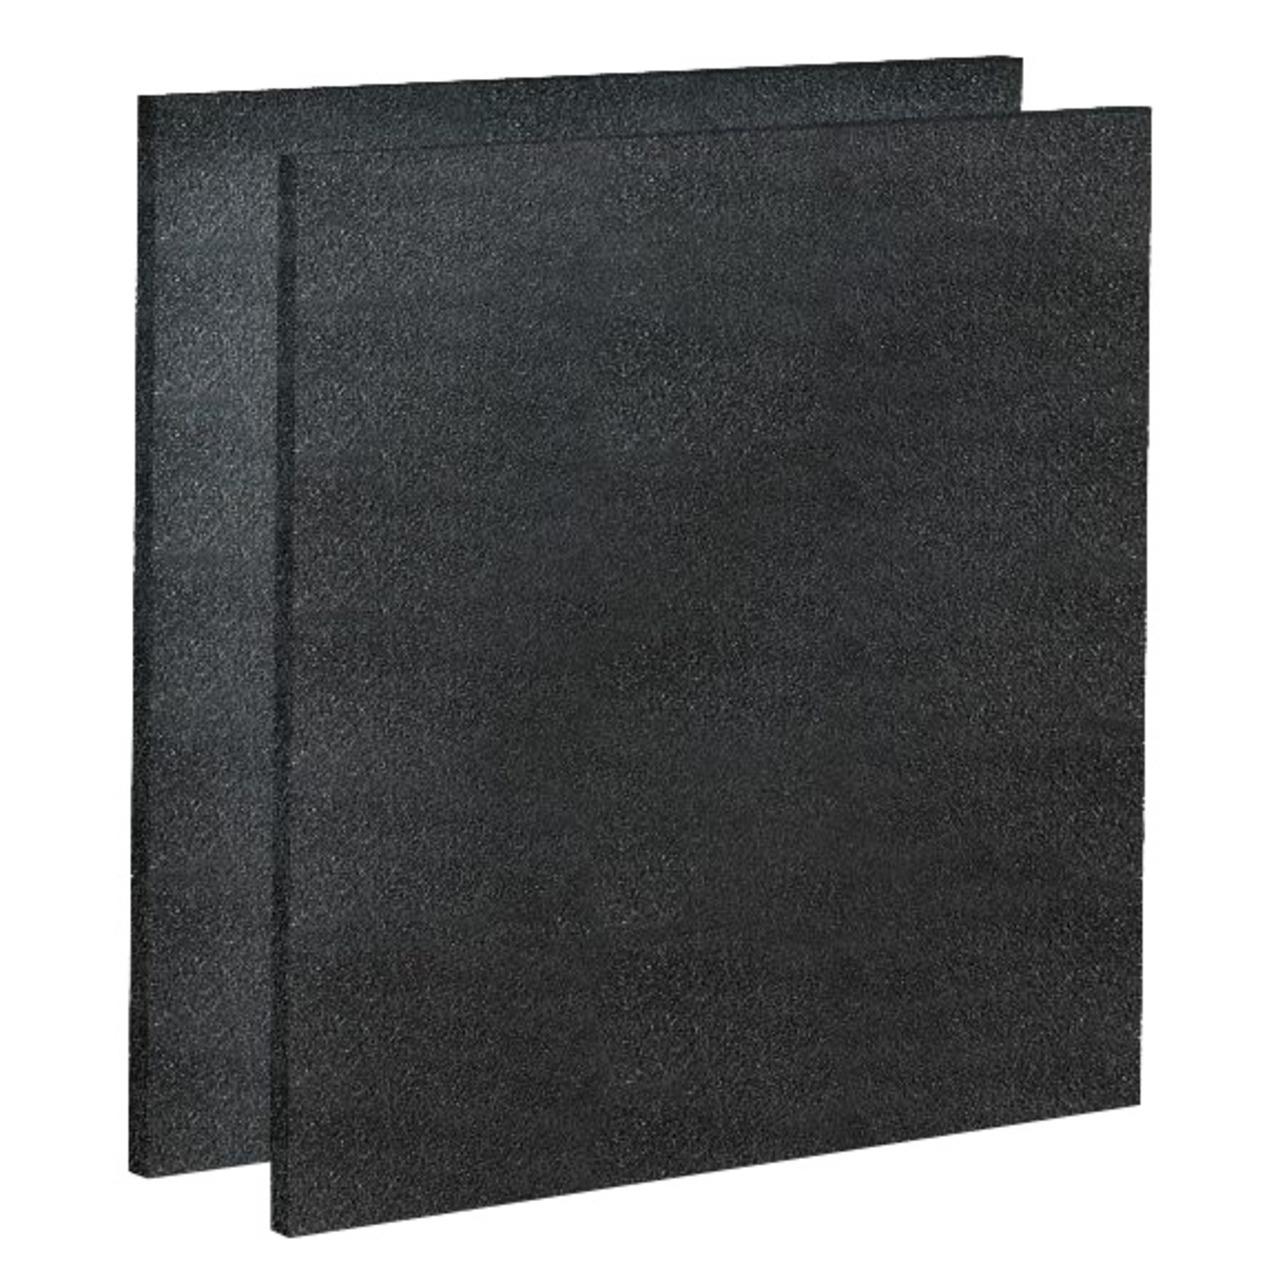 Vornado Carbon Filter 2er Pack